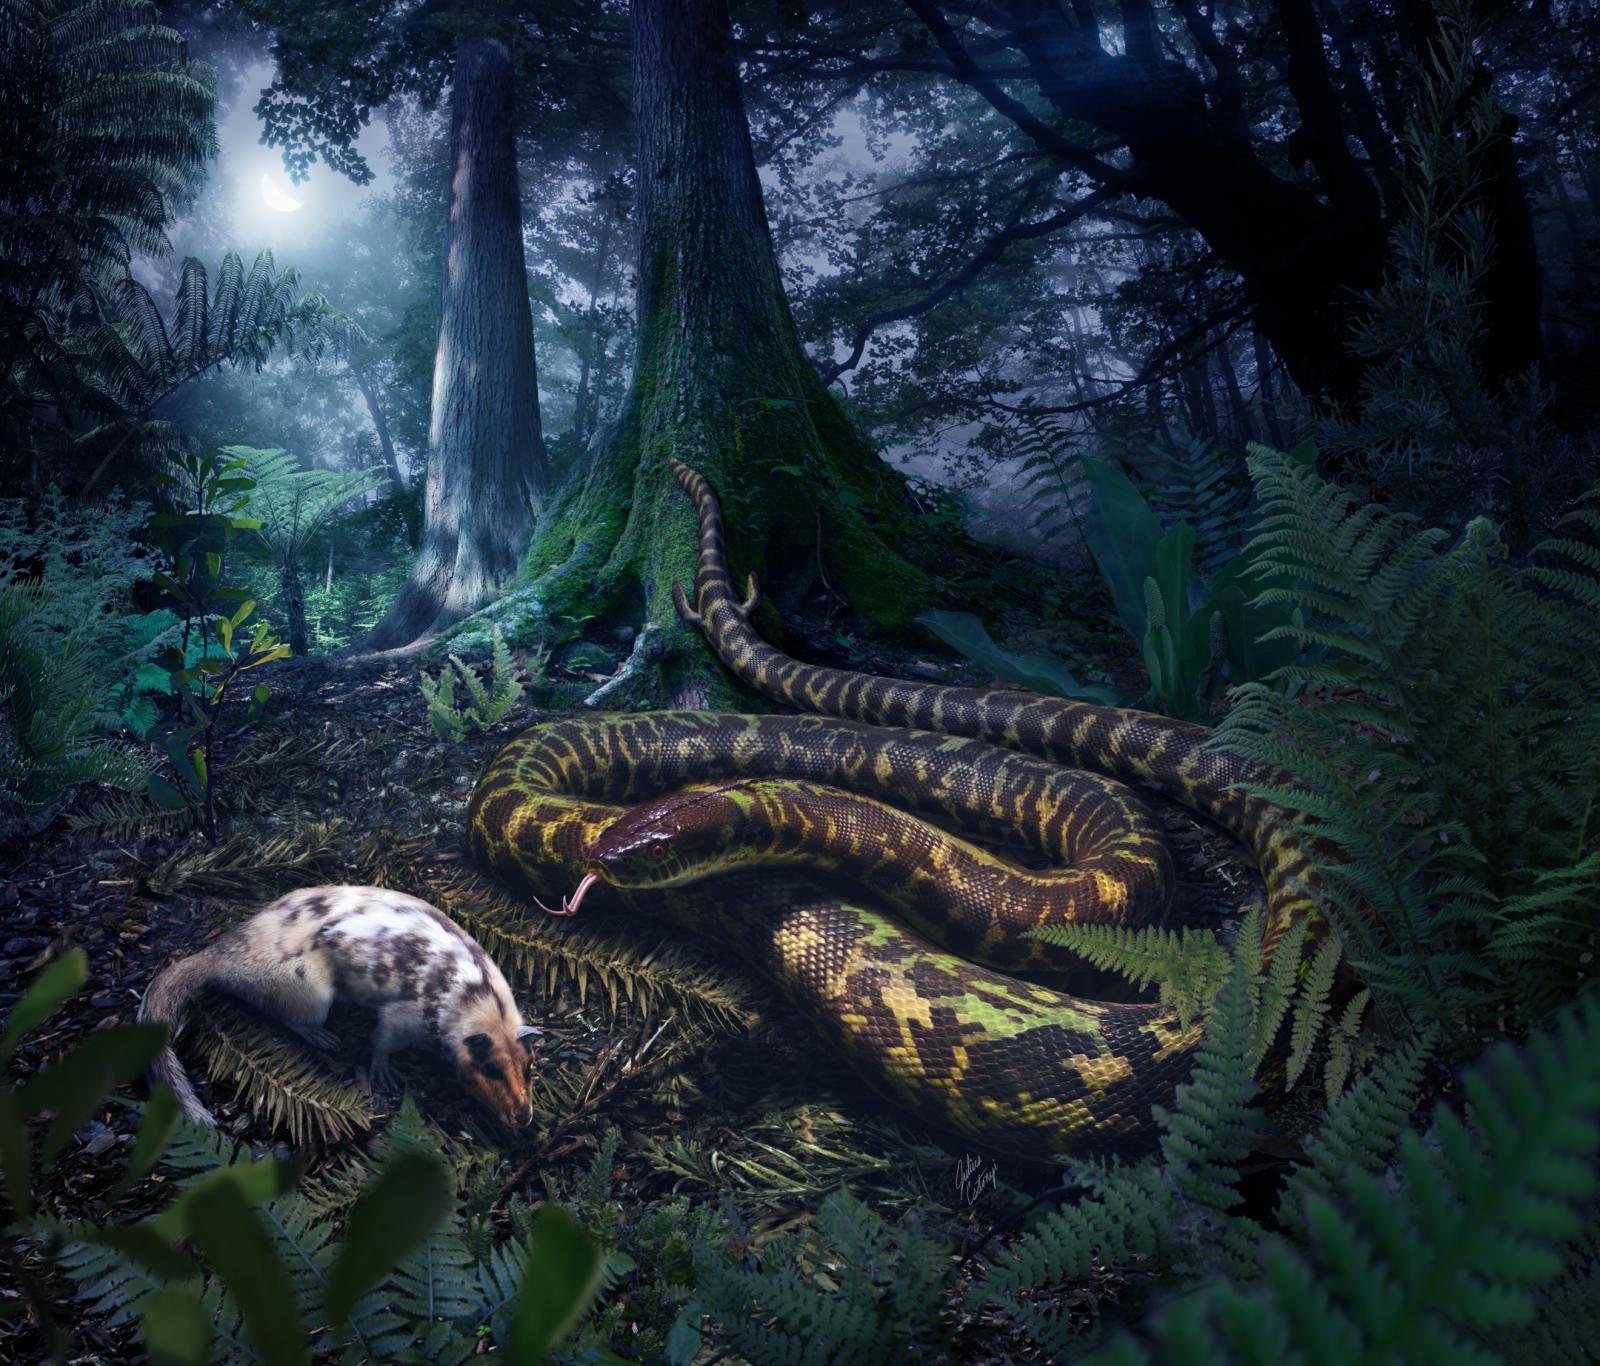 world's first snake